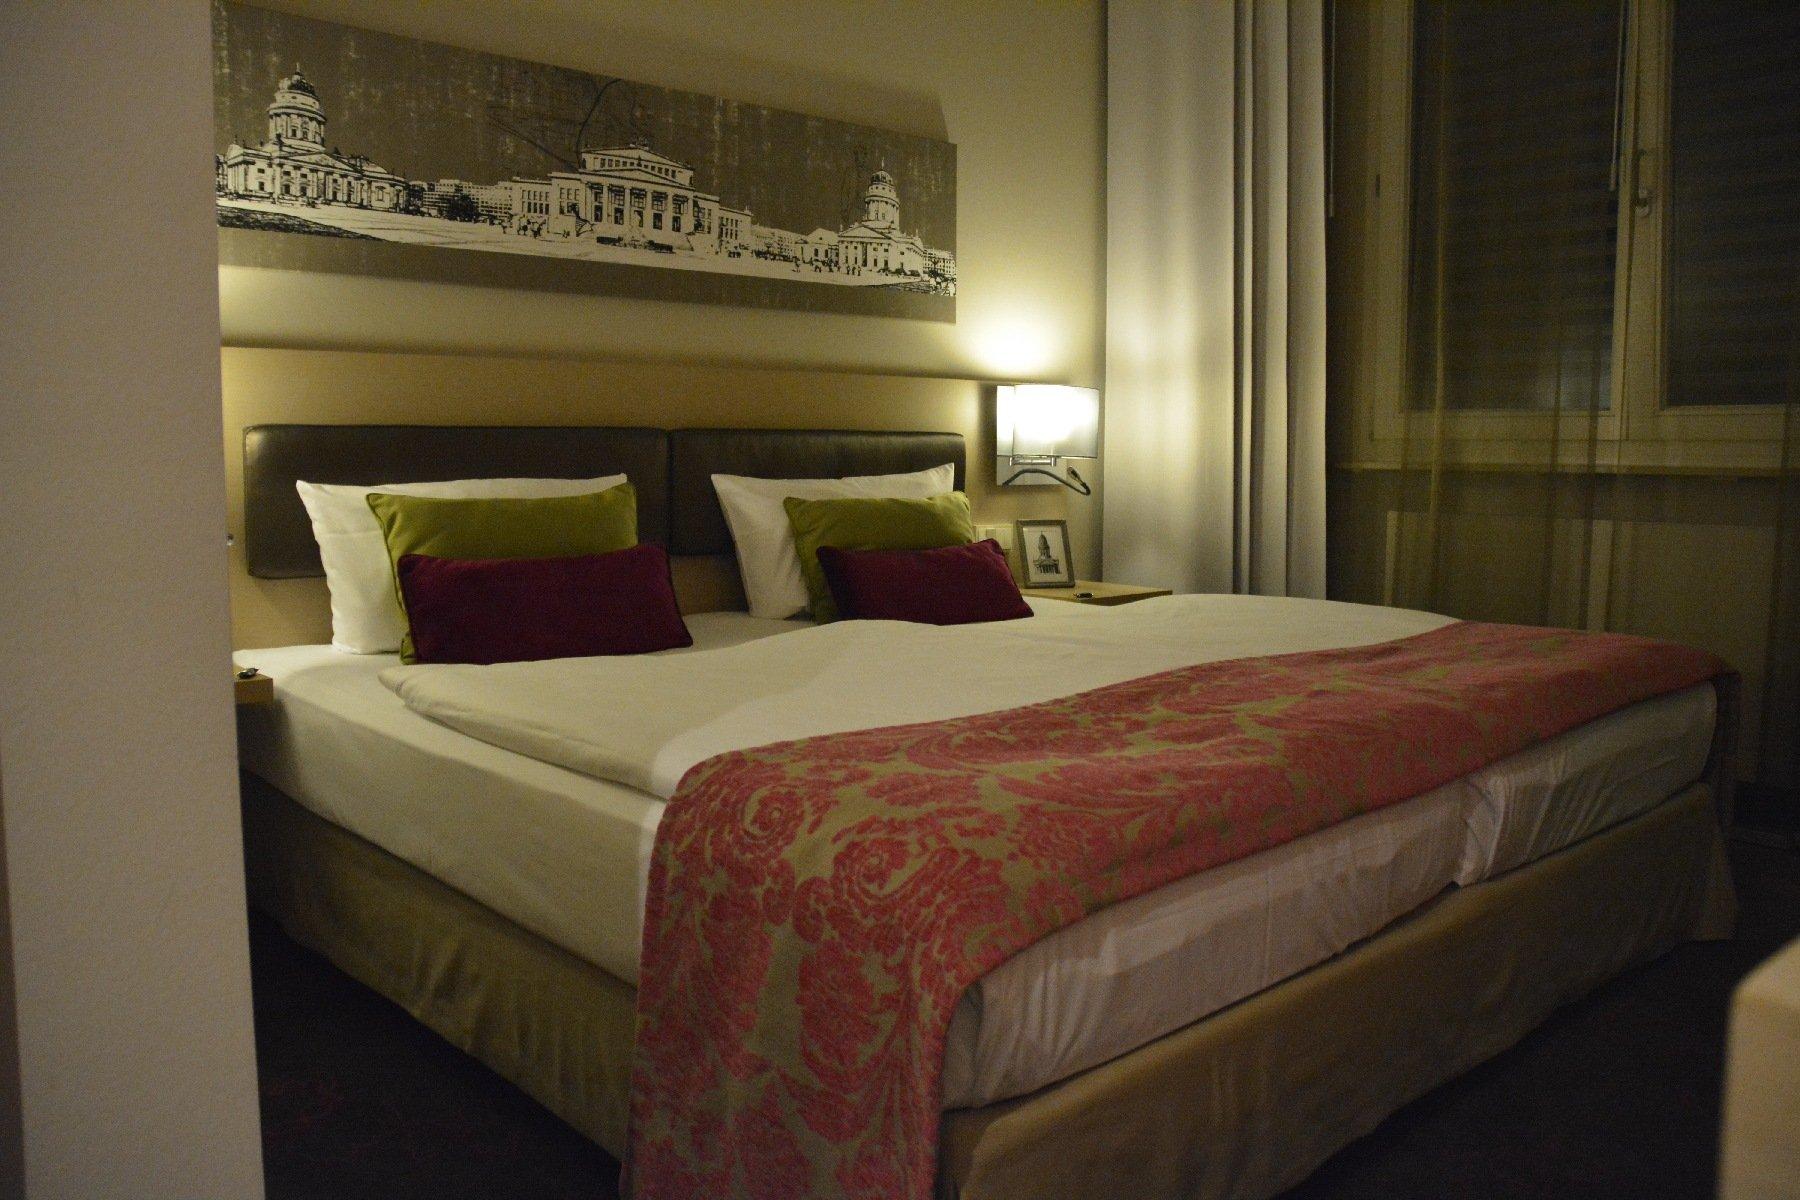 Bett im Hotel Gendarm nouveau